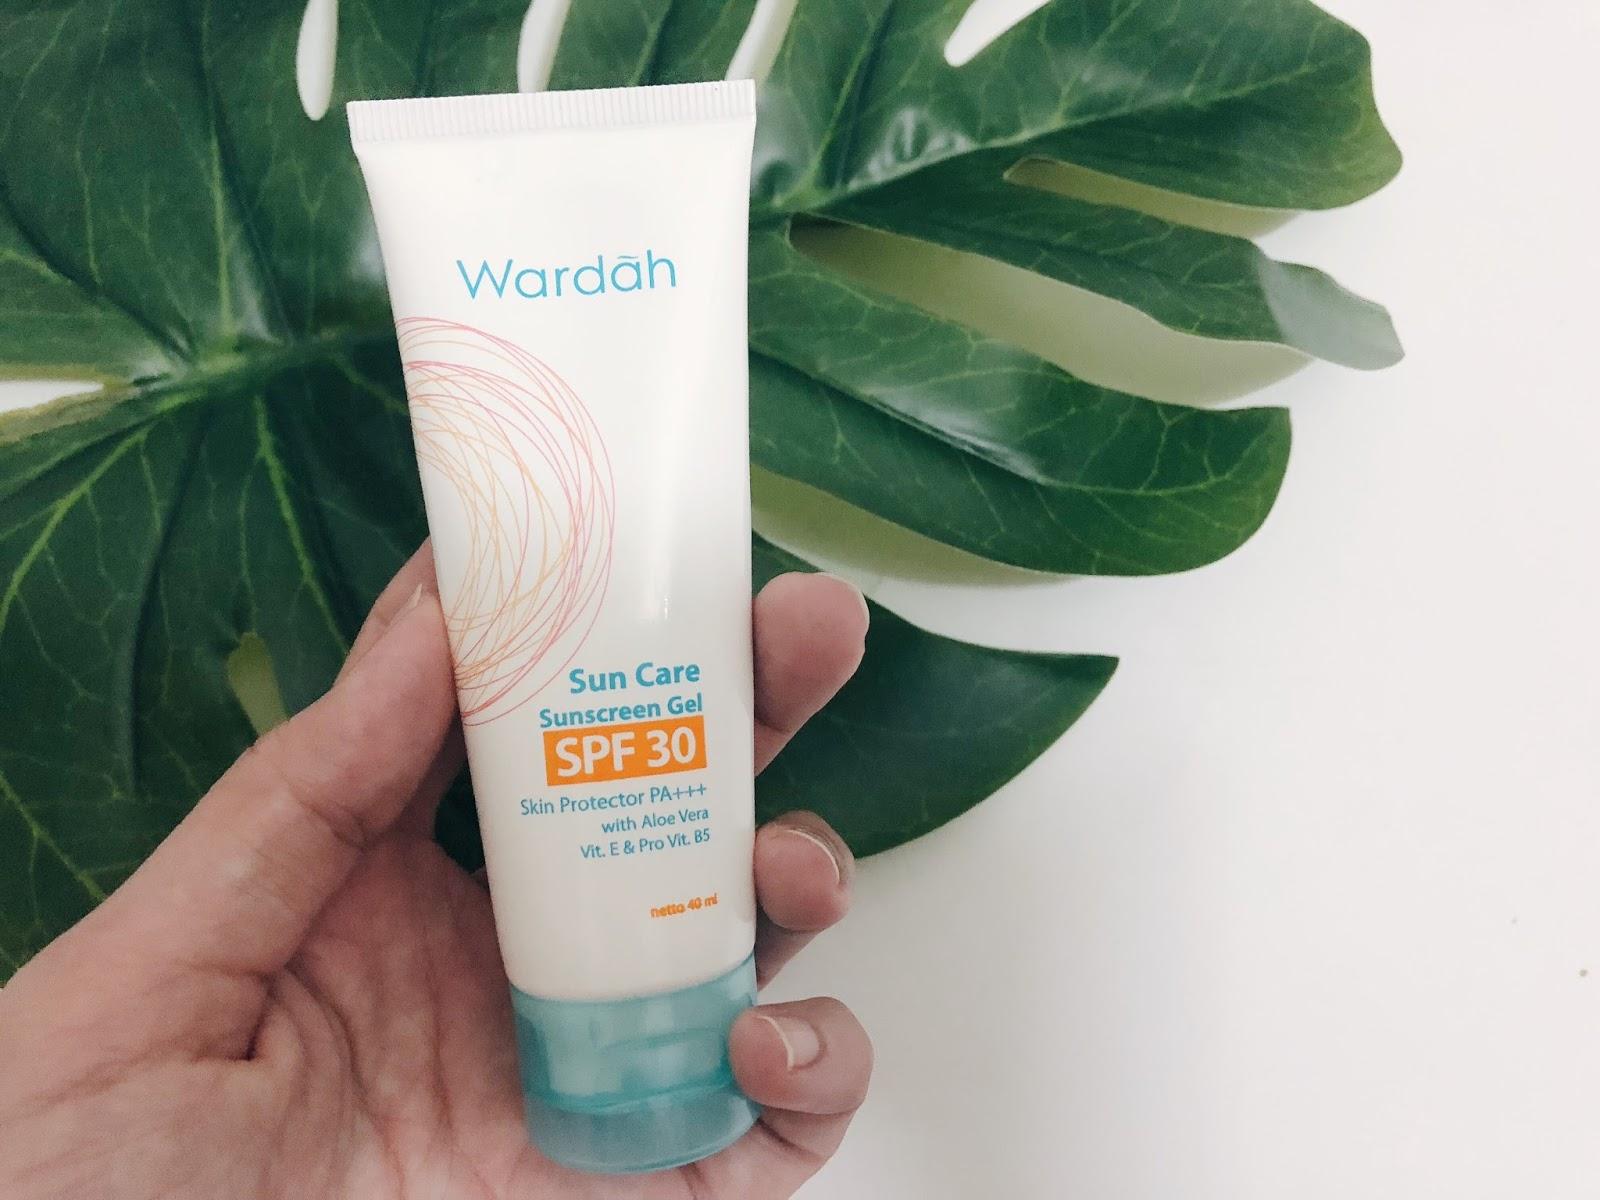 Wardah Sun Care Sunscreen Gel SPF30 Review ~ IMAN ABDUL RAHIM